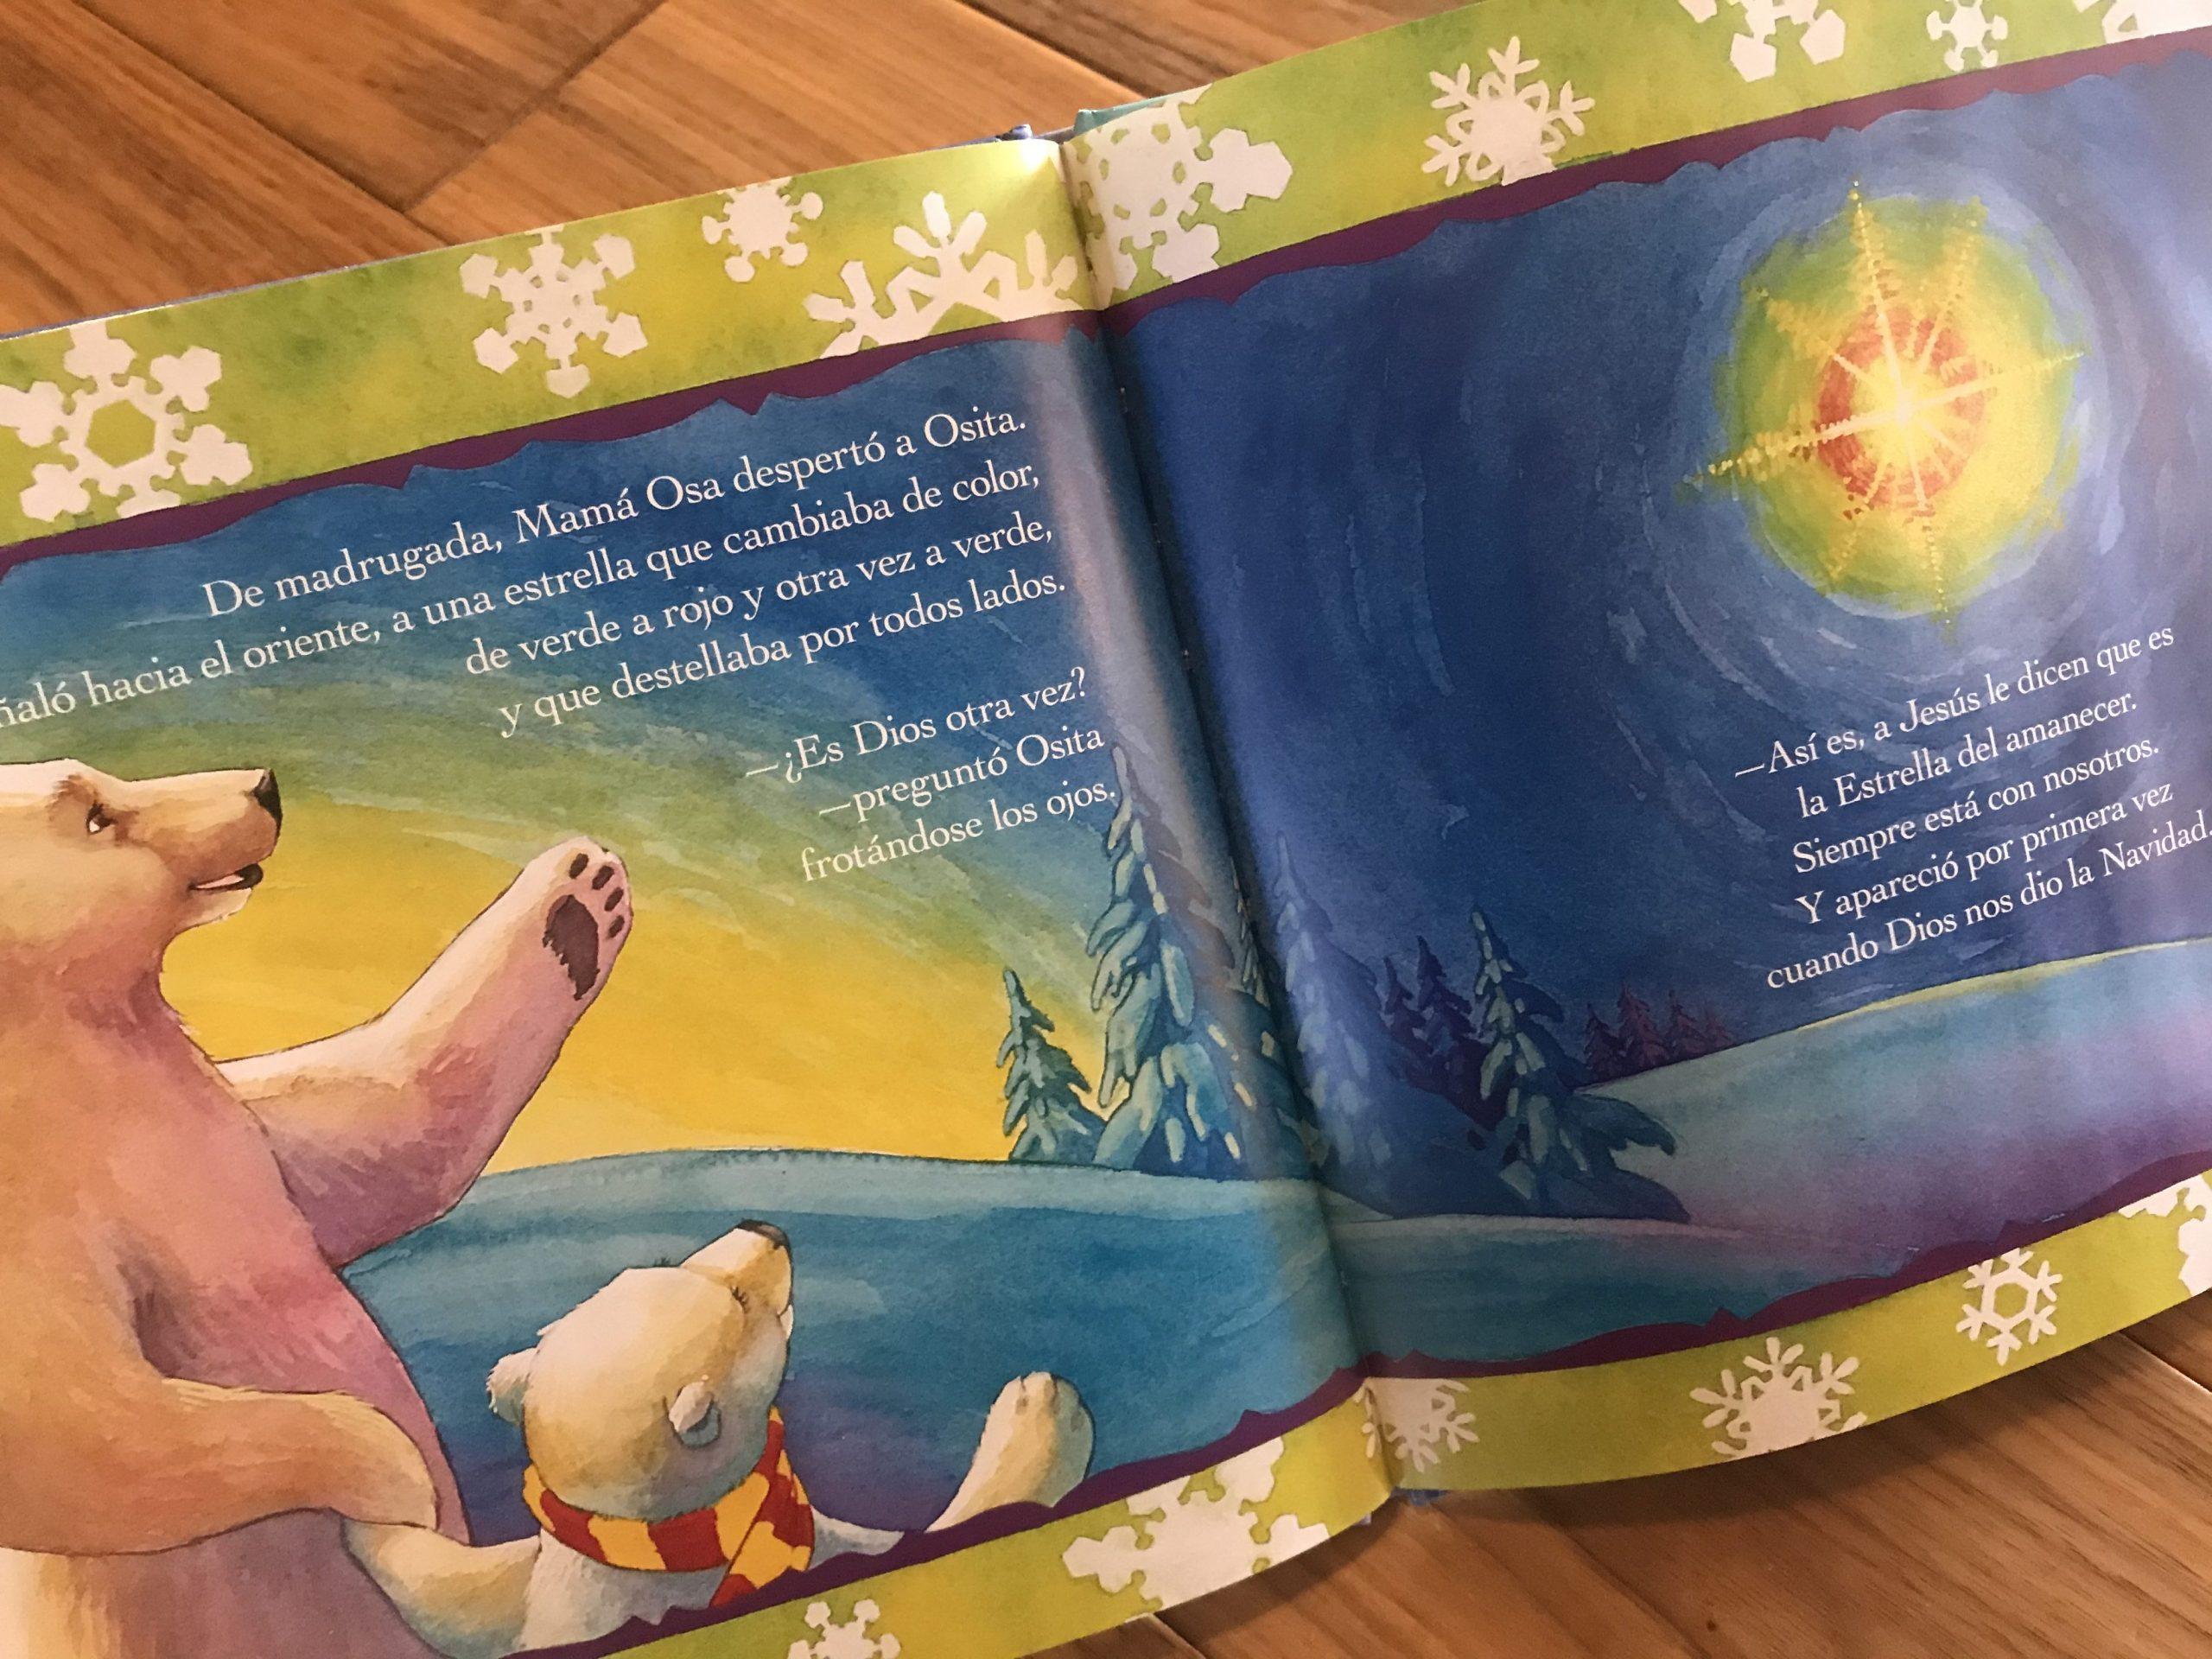 La Navidad es un Regalo de Dios by Lisa Tawn Bergren.